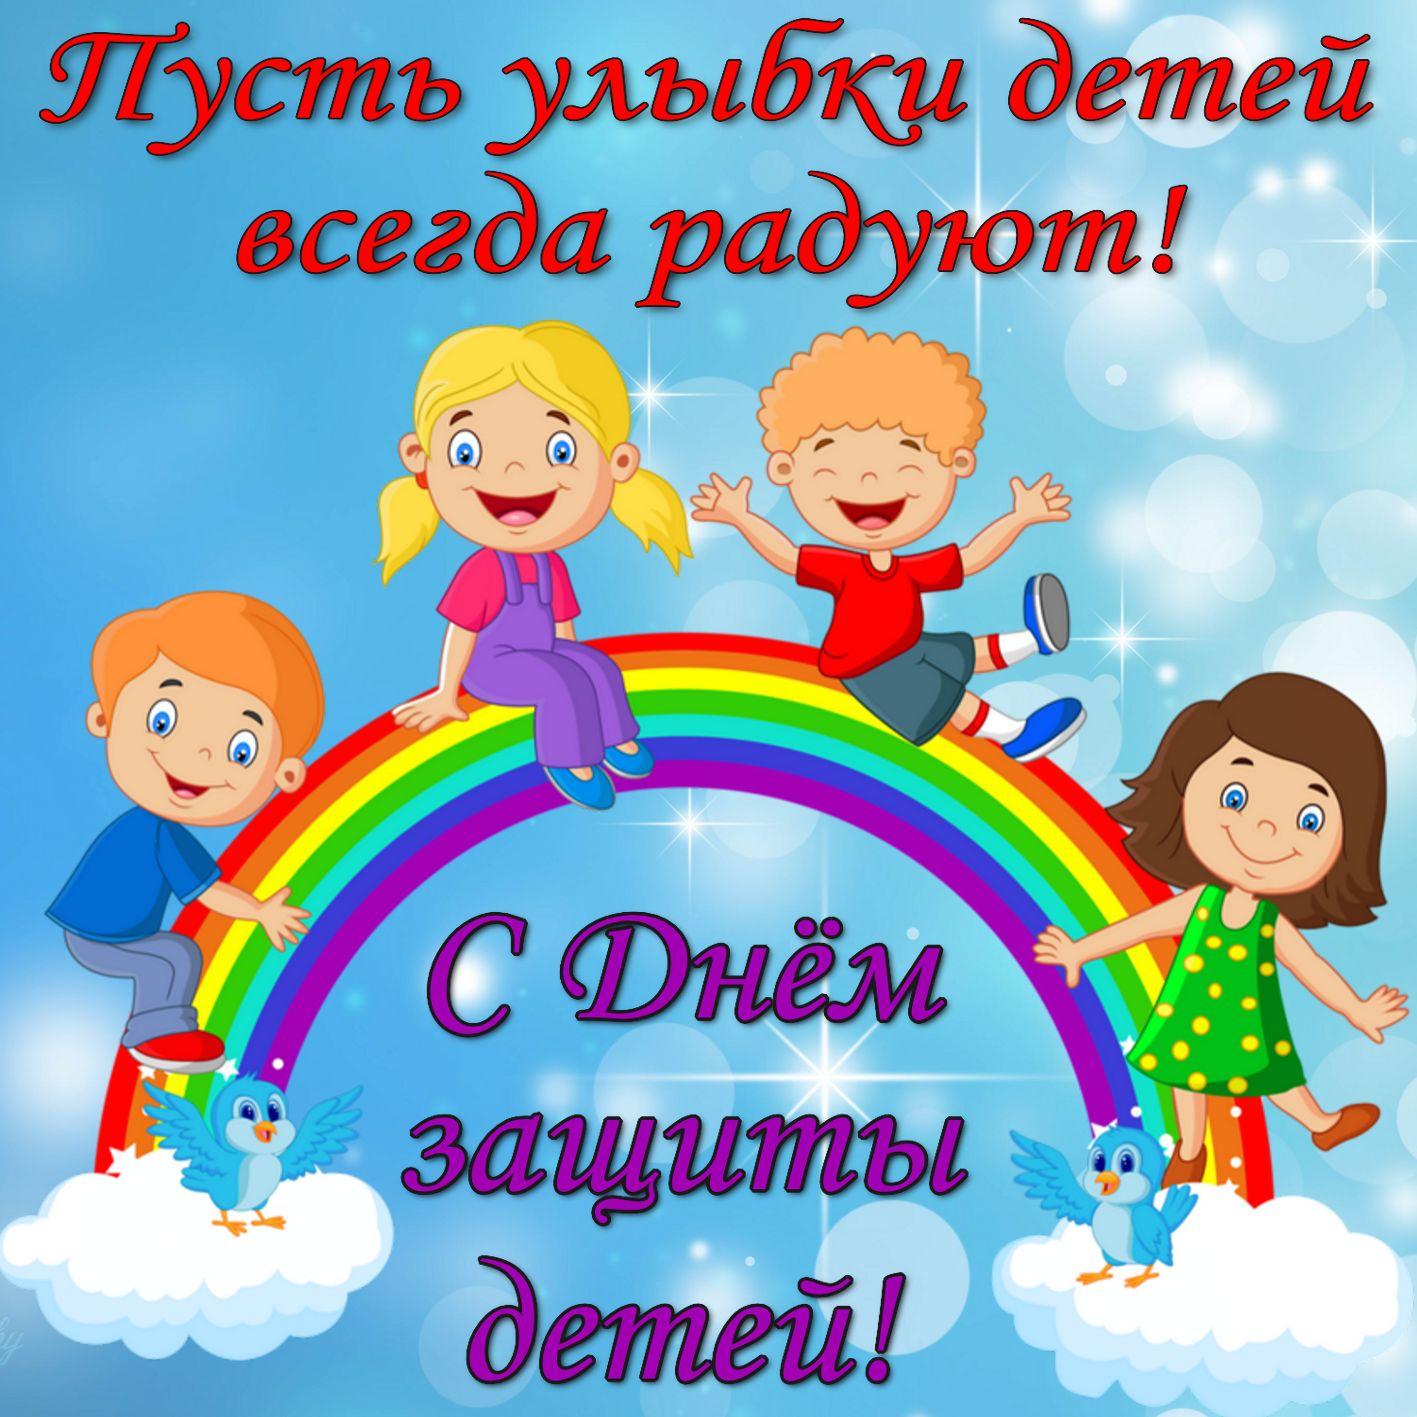 Открытка с 1 июня день защиты детей красивые